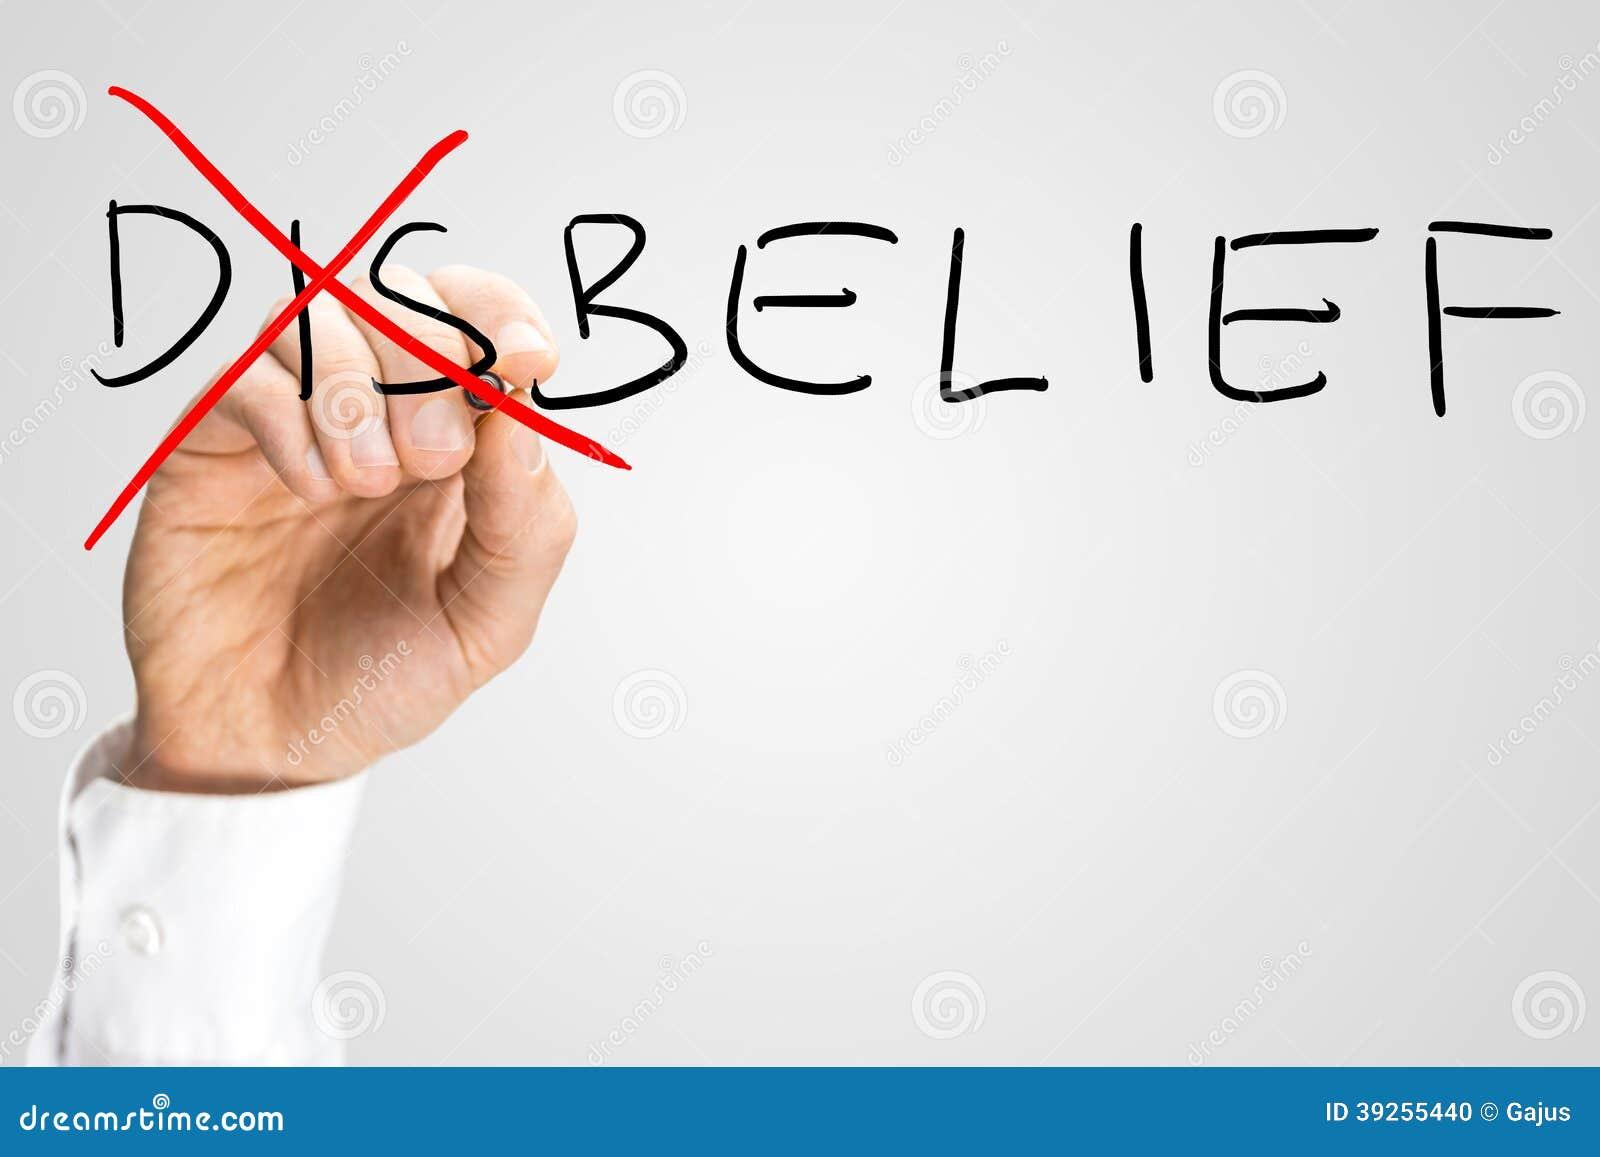 Δυσπιστία - πεποίθηση, μια έννοια των αντιθέτων